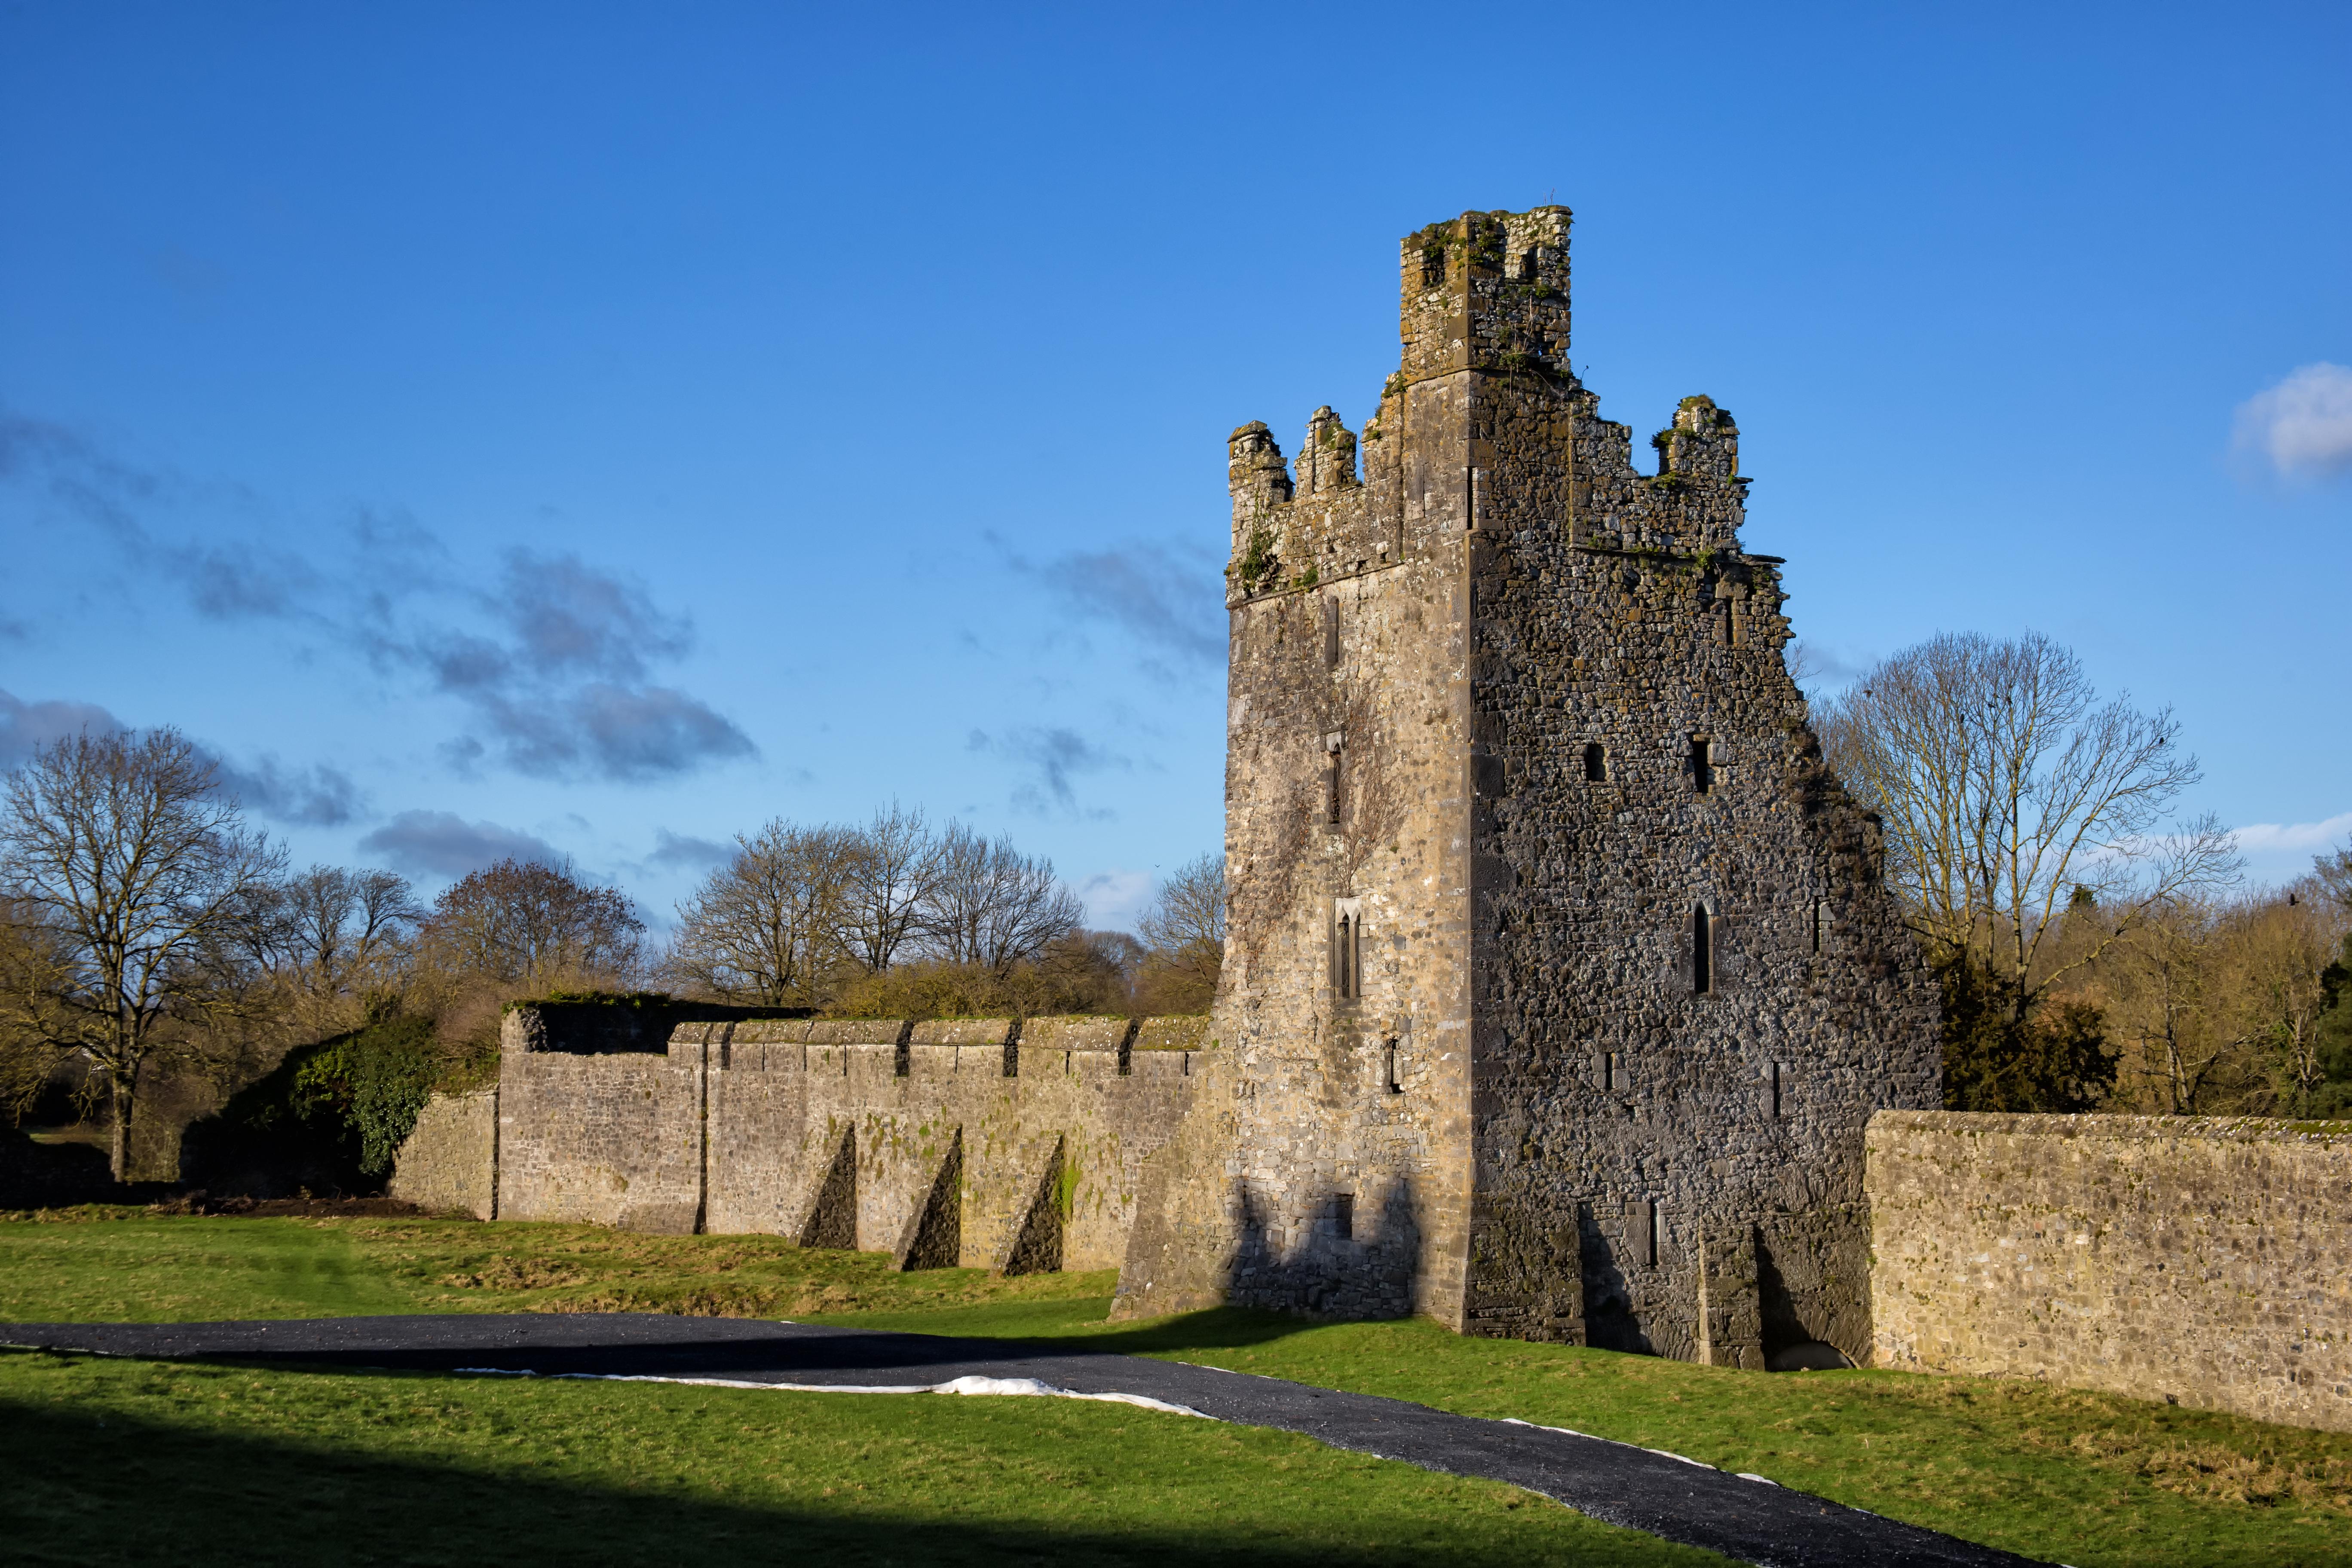 Kells Priory Ruins